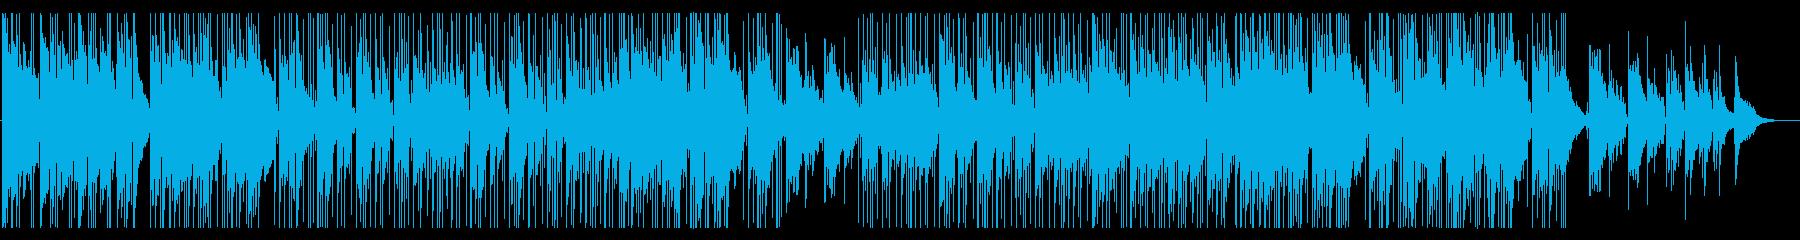 切ないアコギインスト Longの再生済みの波形